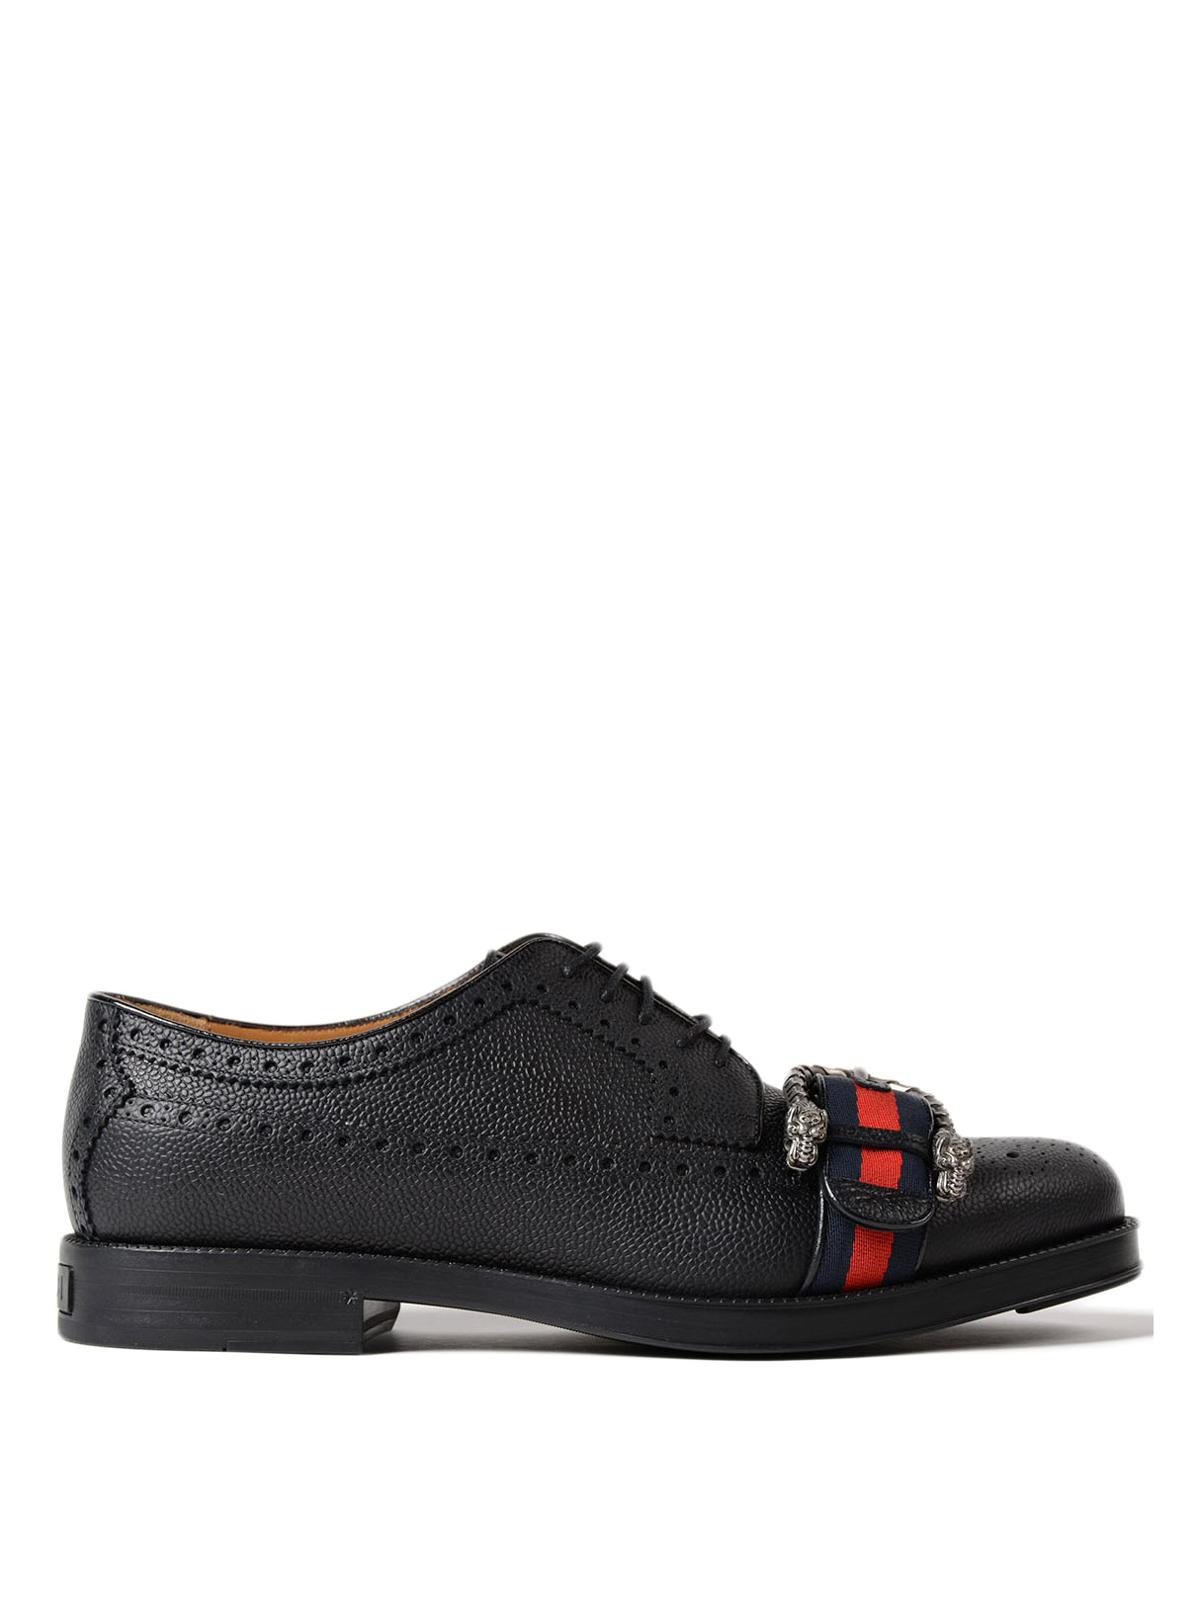 Gucci - Zapatos Con Cordones - Negro - Zapatos con cordones ... c0503df0b90